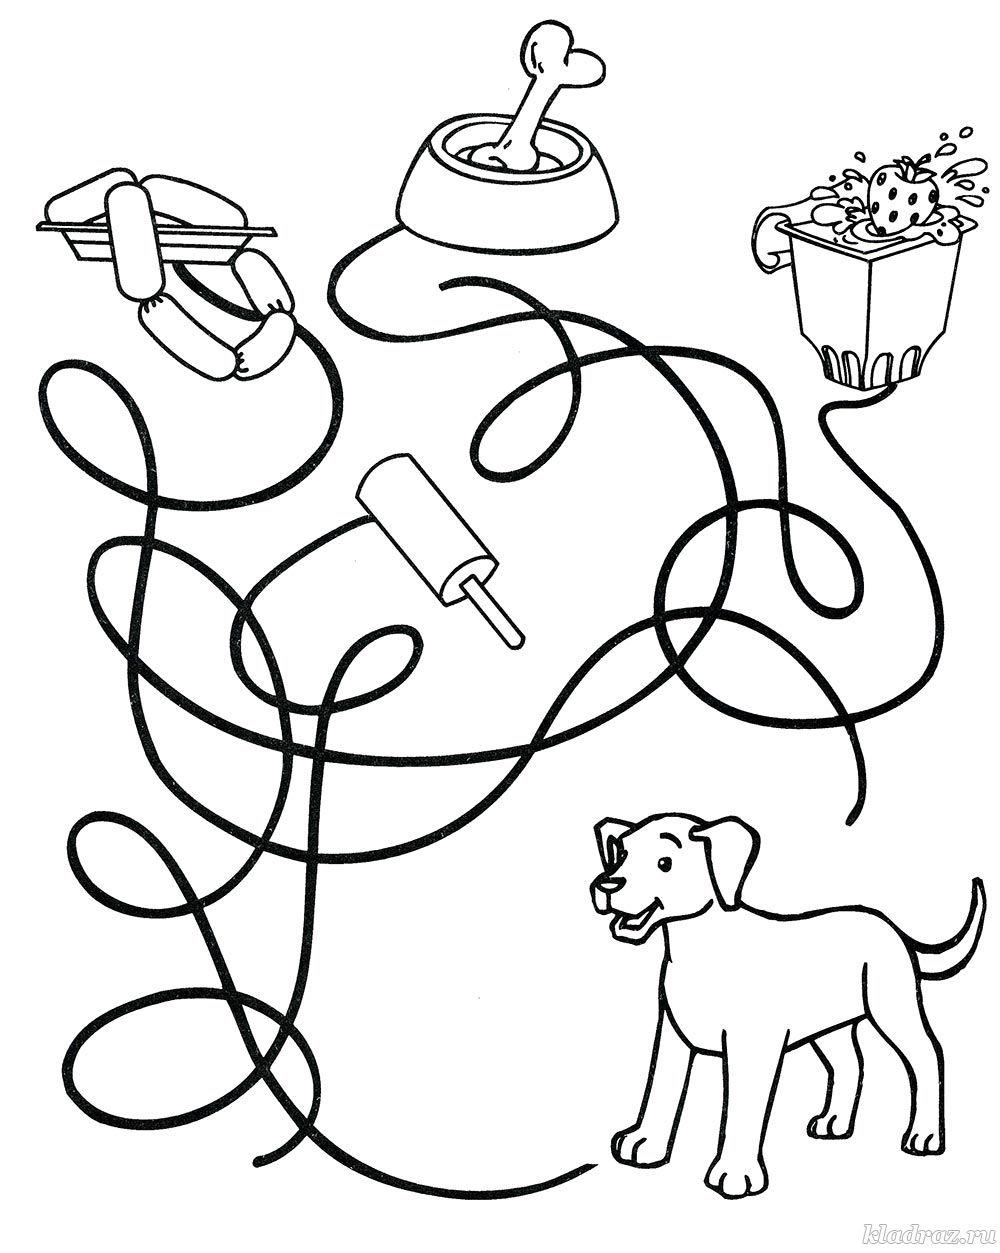 Лабиринт для детей 5-7 лет распечатать